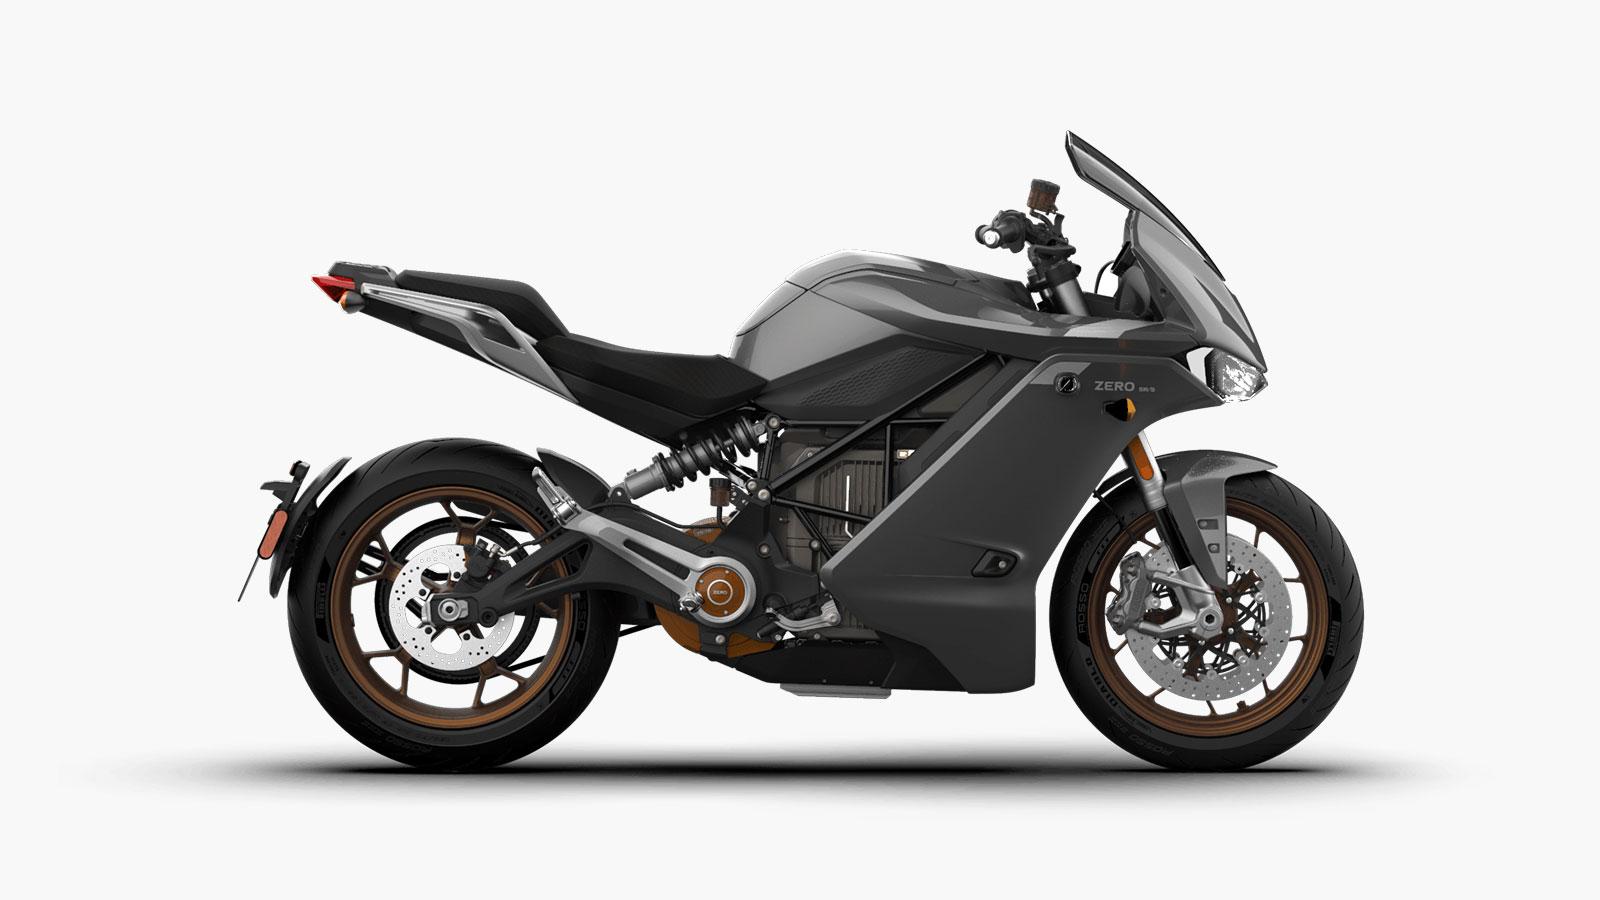 2020 Zero Motorcycles SR/S